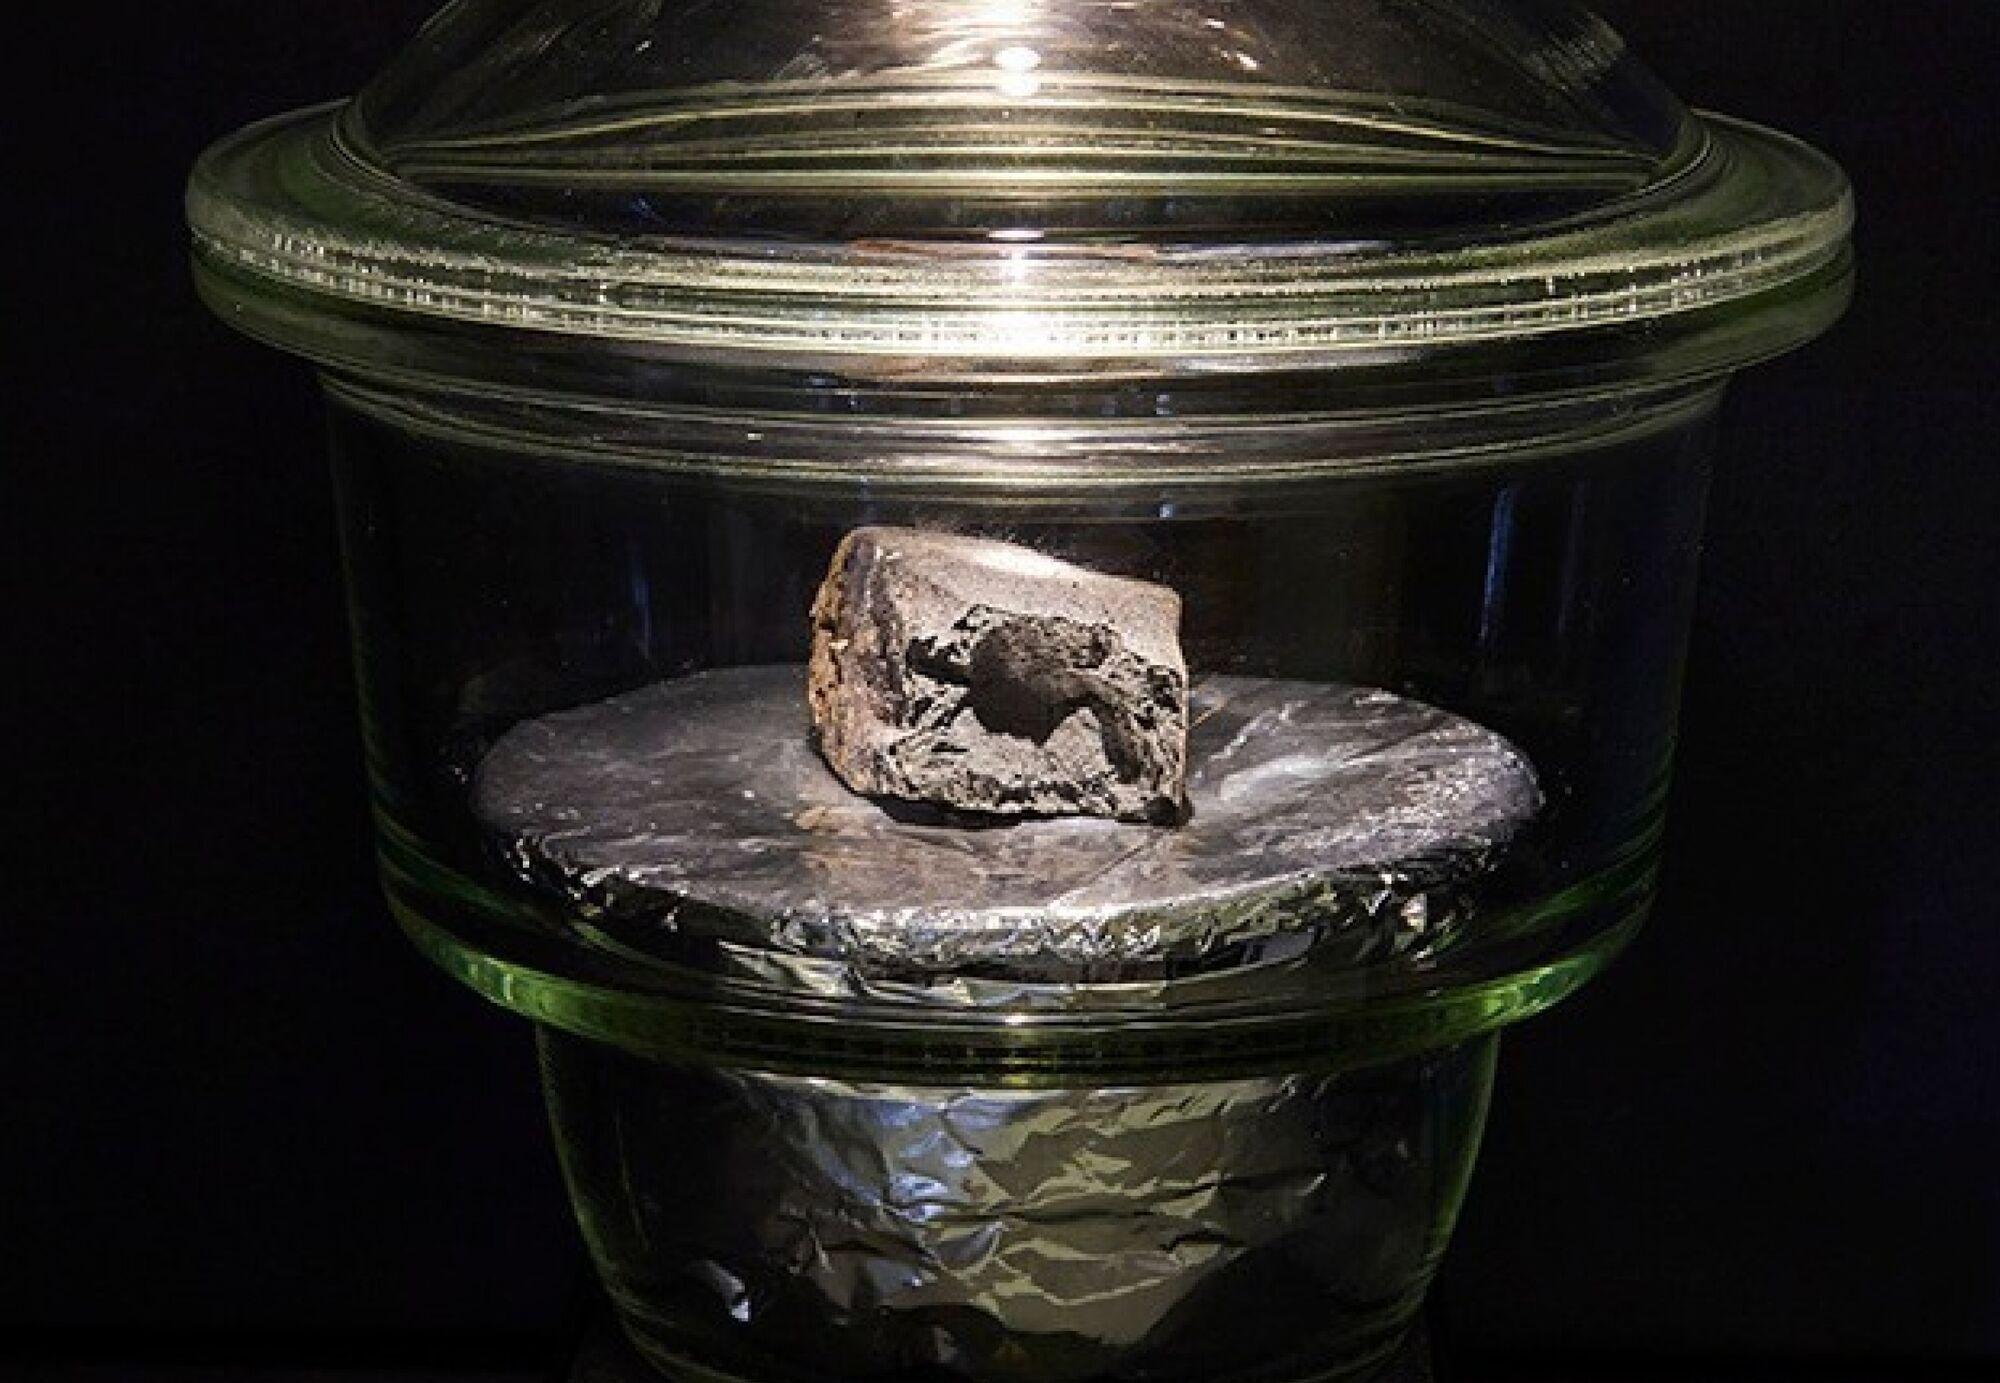 Возраст метеорита около 4,5 миллиарда лет